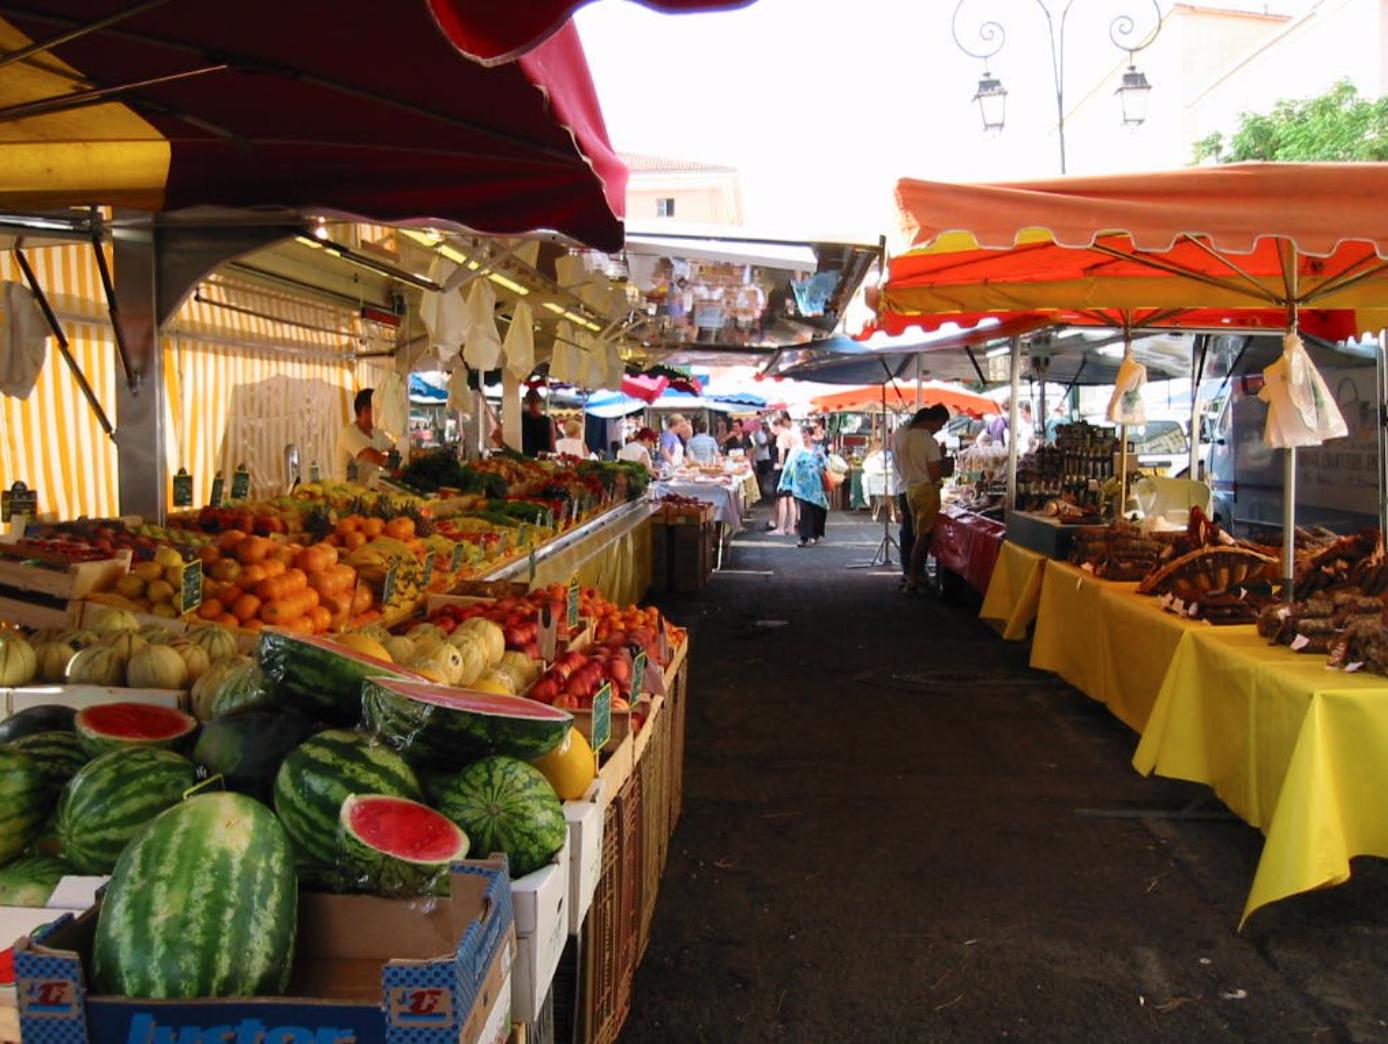 2_Ajaccio-Le-marché-central-Capture-d'écran-2019-05-10-à-12.22.40